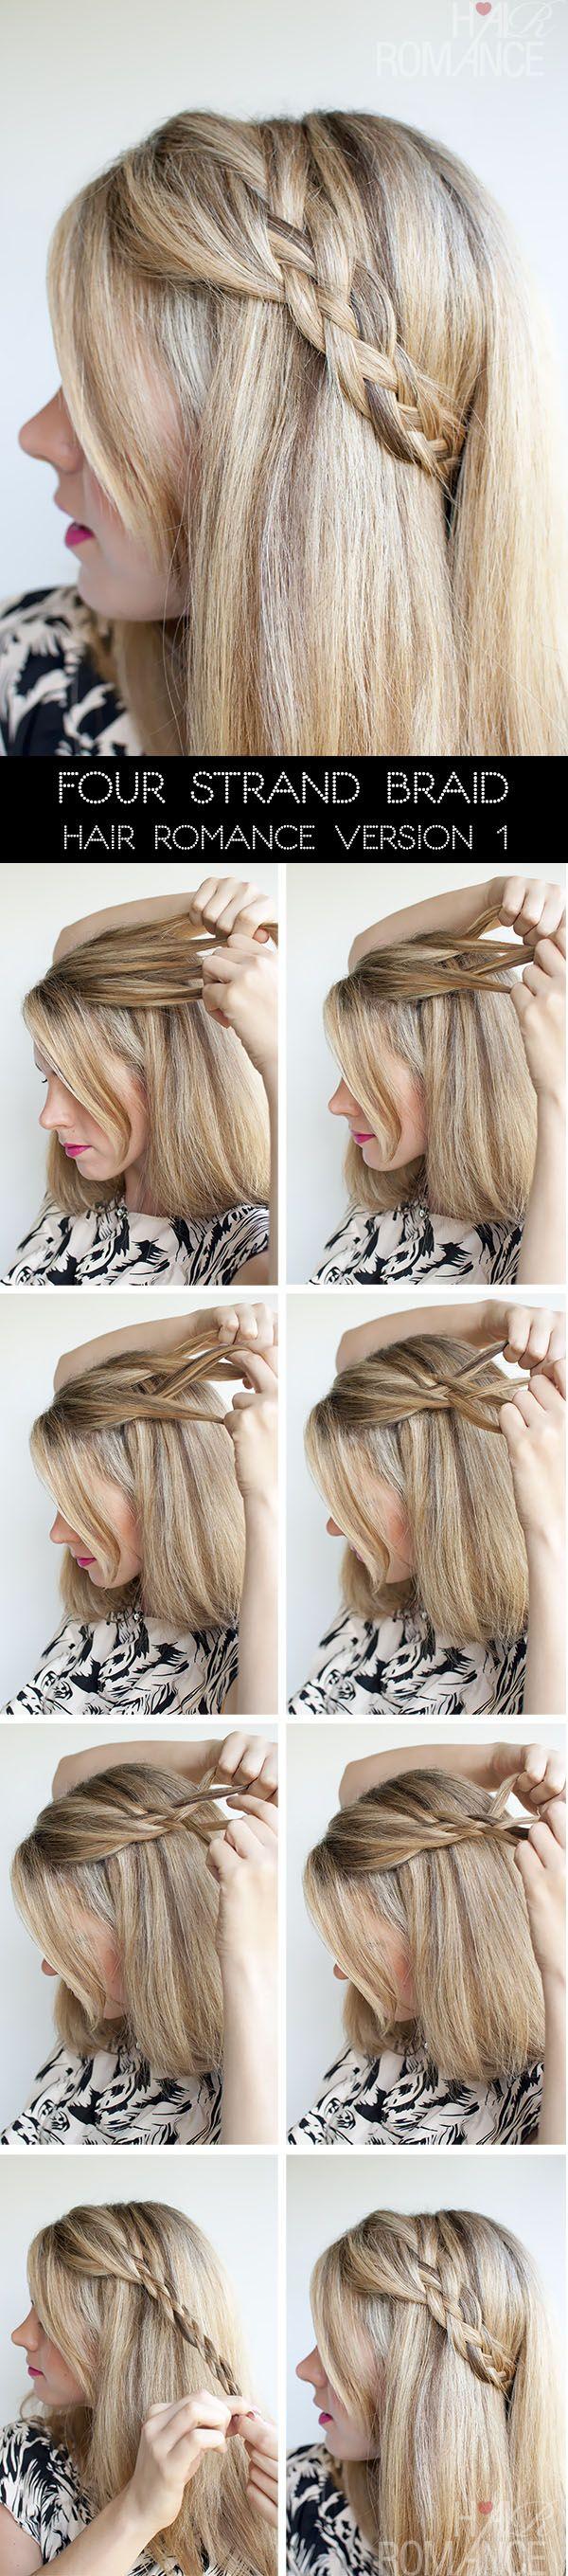 How to do 4 strand braid